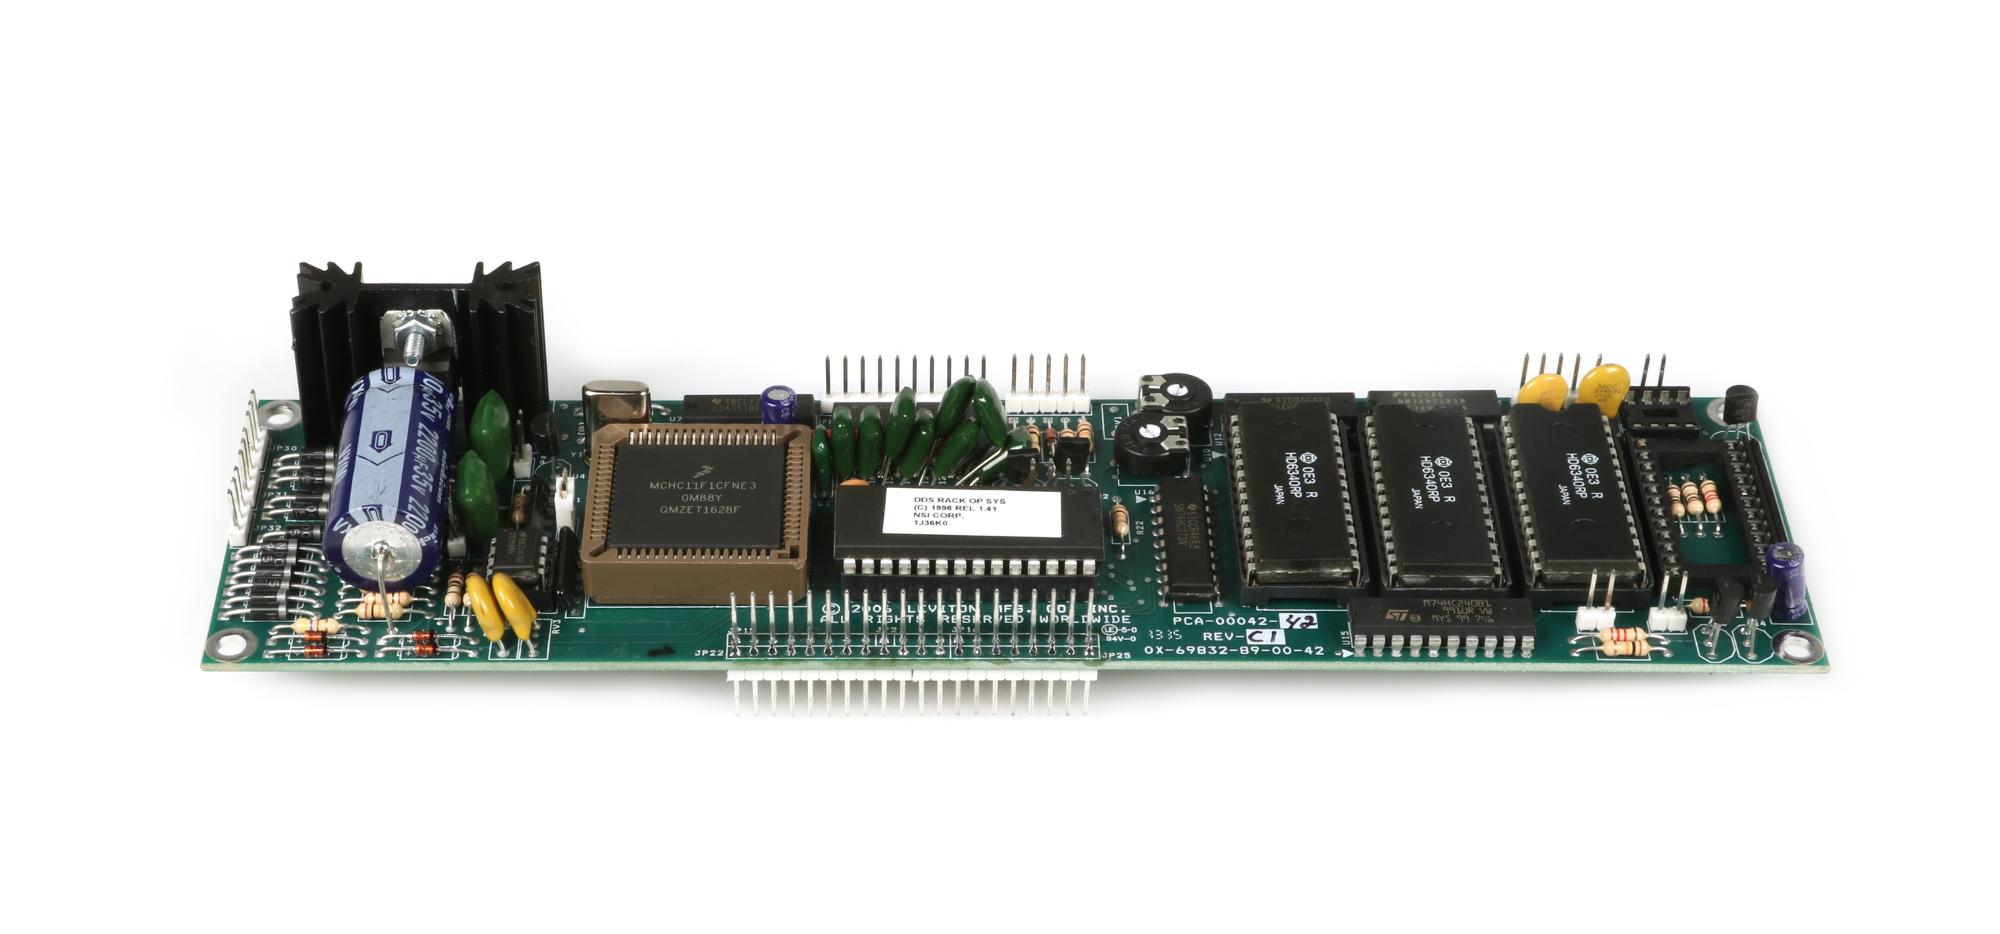 Leviton/NSI Dimmers PCB